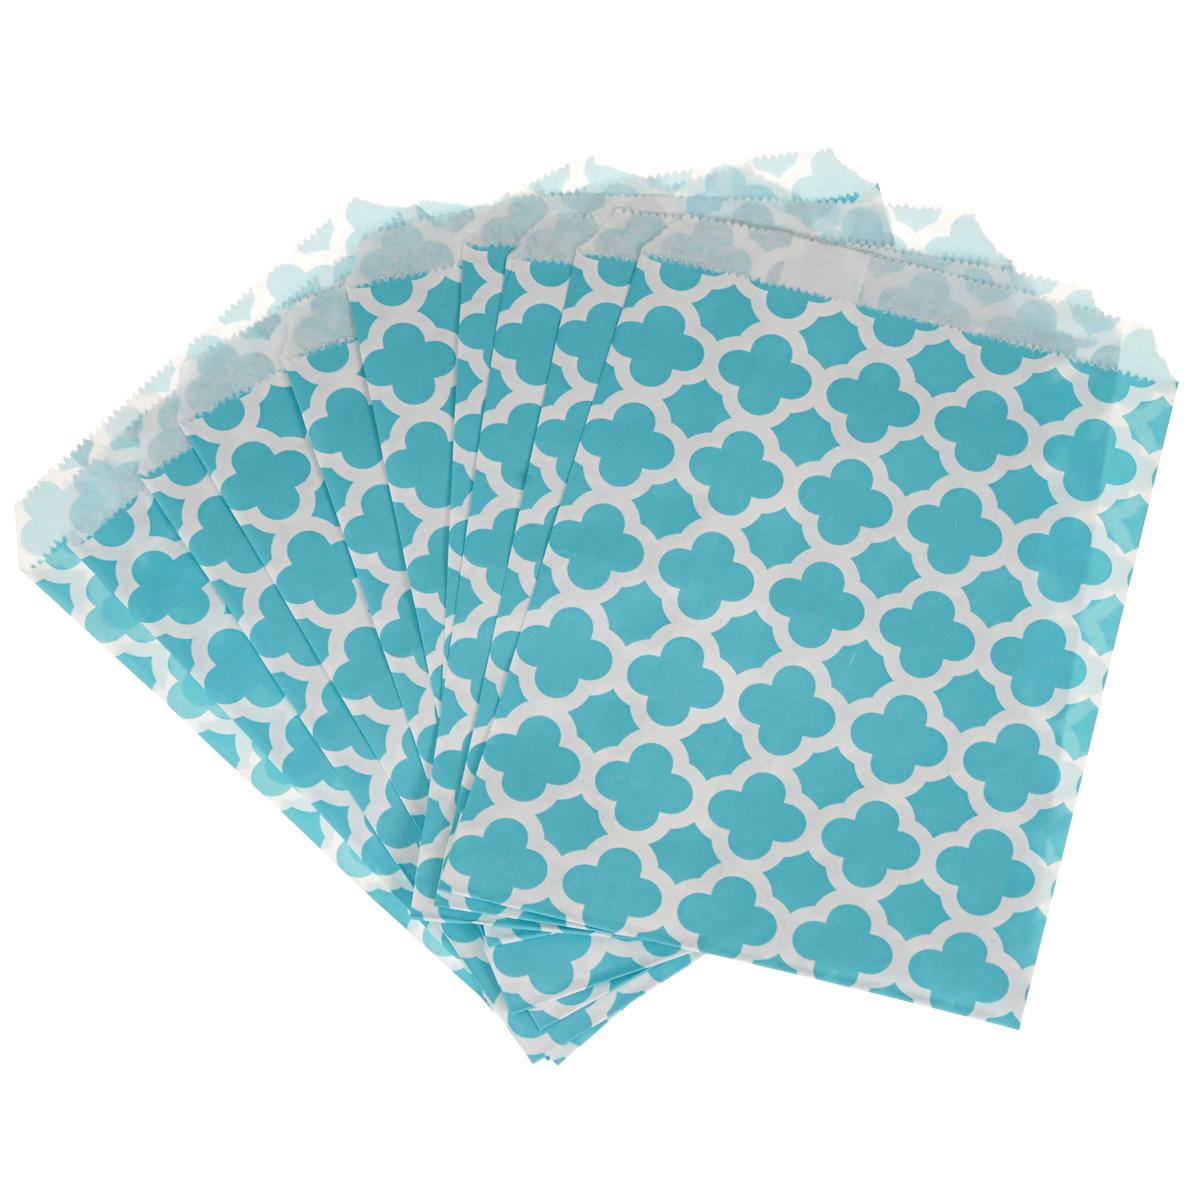 Пакеты бумажные Dolce Arti Arabesque, для выпекания, цвет: голубой, 10 шт60588Бумажные пакеты Dolce Arti Arabesque очень многофункциональны. Их можно использовать насколько хватит вашей фантазии: для выпекания, для упаковки маленьких подарков, сладостей и многого другого. Размер: 13 см х 18 см.